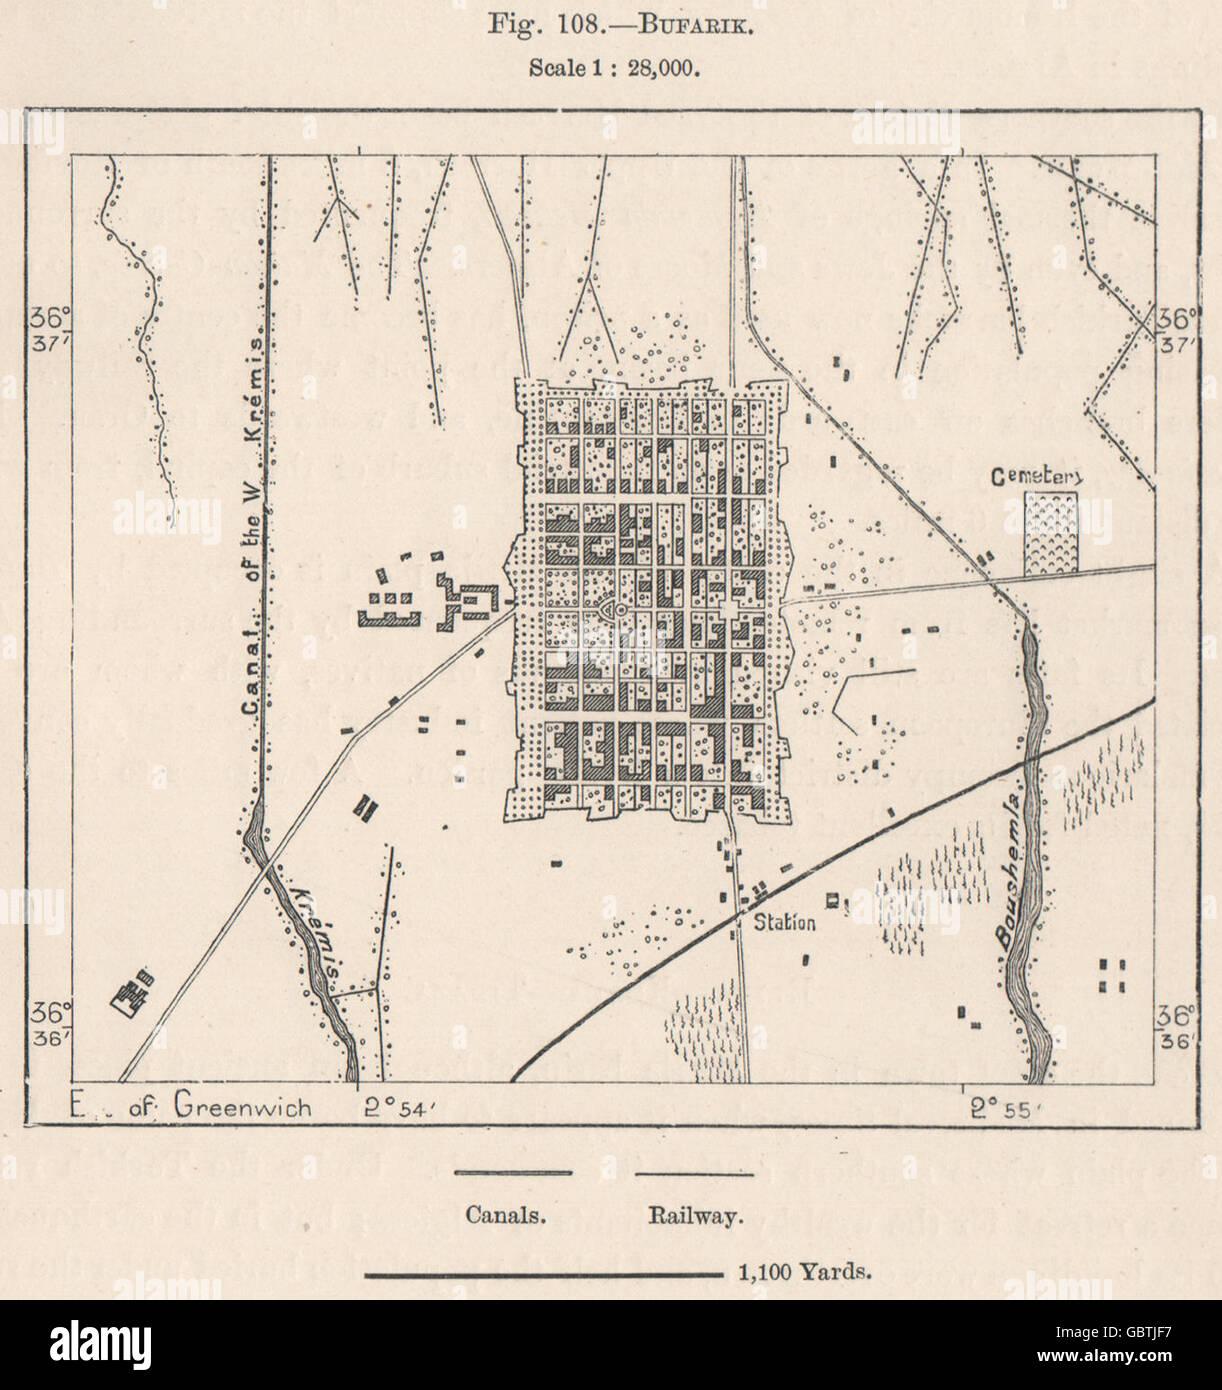 Carte Algerie Boufarik.Boufarik L Algerie 1885 Carte Antique Banque D Images